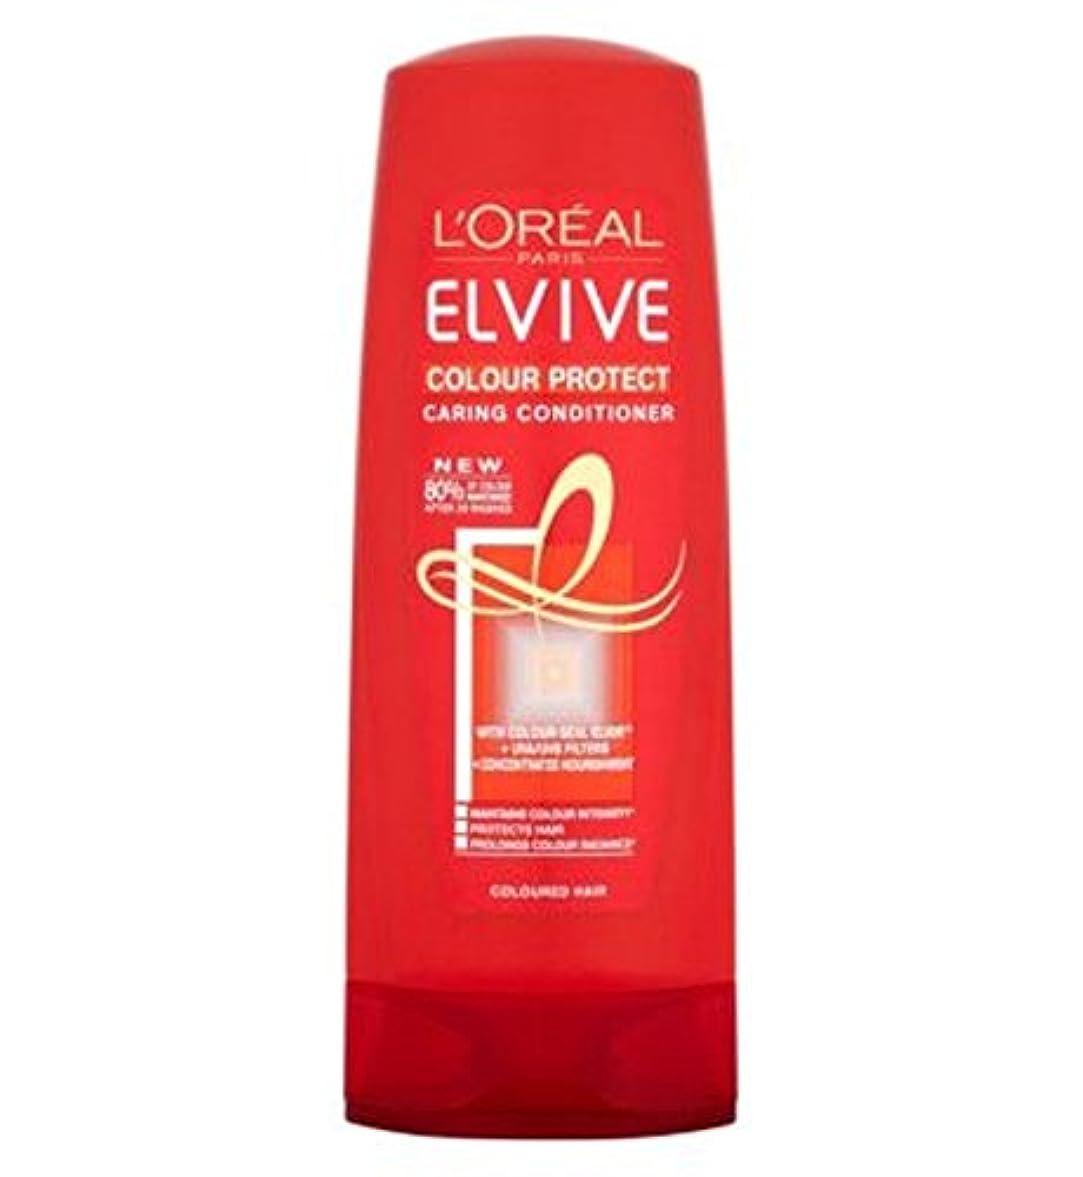 冒険家インタラクション漫画L'Oreall Elvive Colour Protect Conditioner 400ml - L'Oreall Elviveカラーコンディショナー400ミリリットルを保護 (L'Oreal) [並行輸入品]